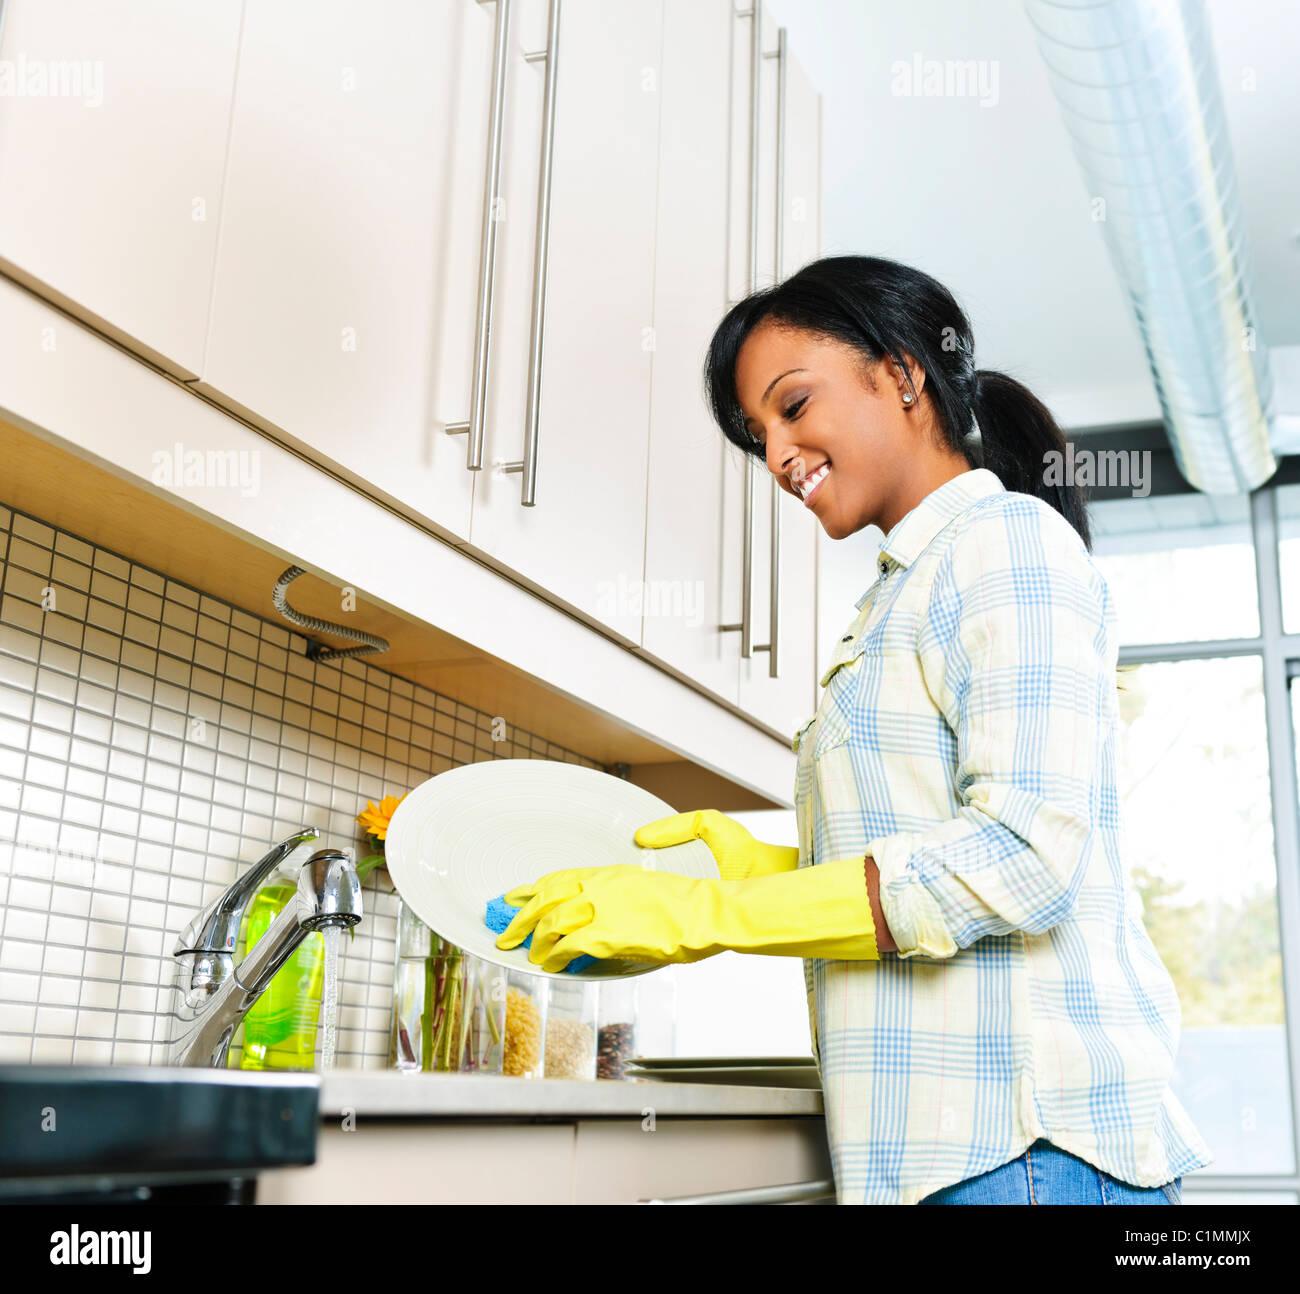 Lächelnde junge schwarze Frau beim Abwasch in der Küche Stockbild